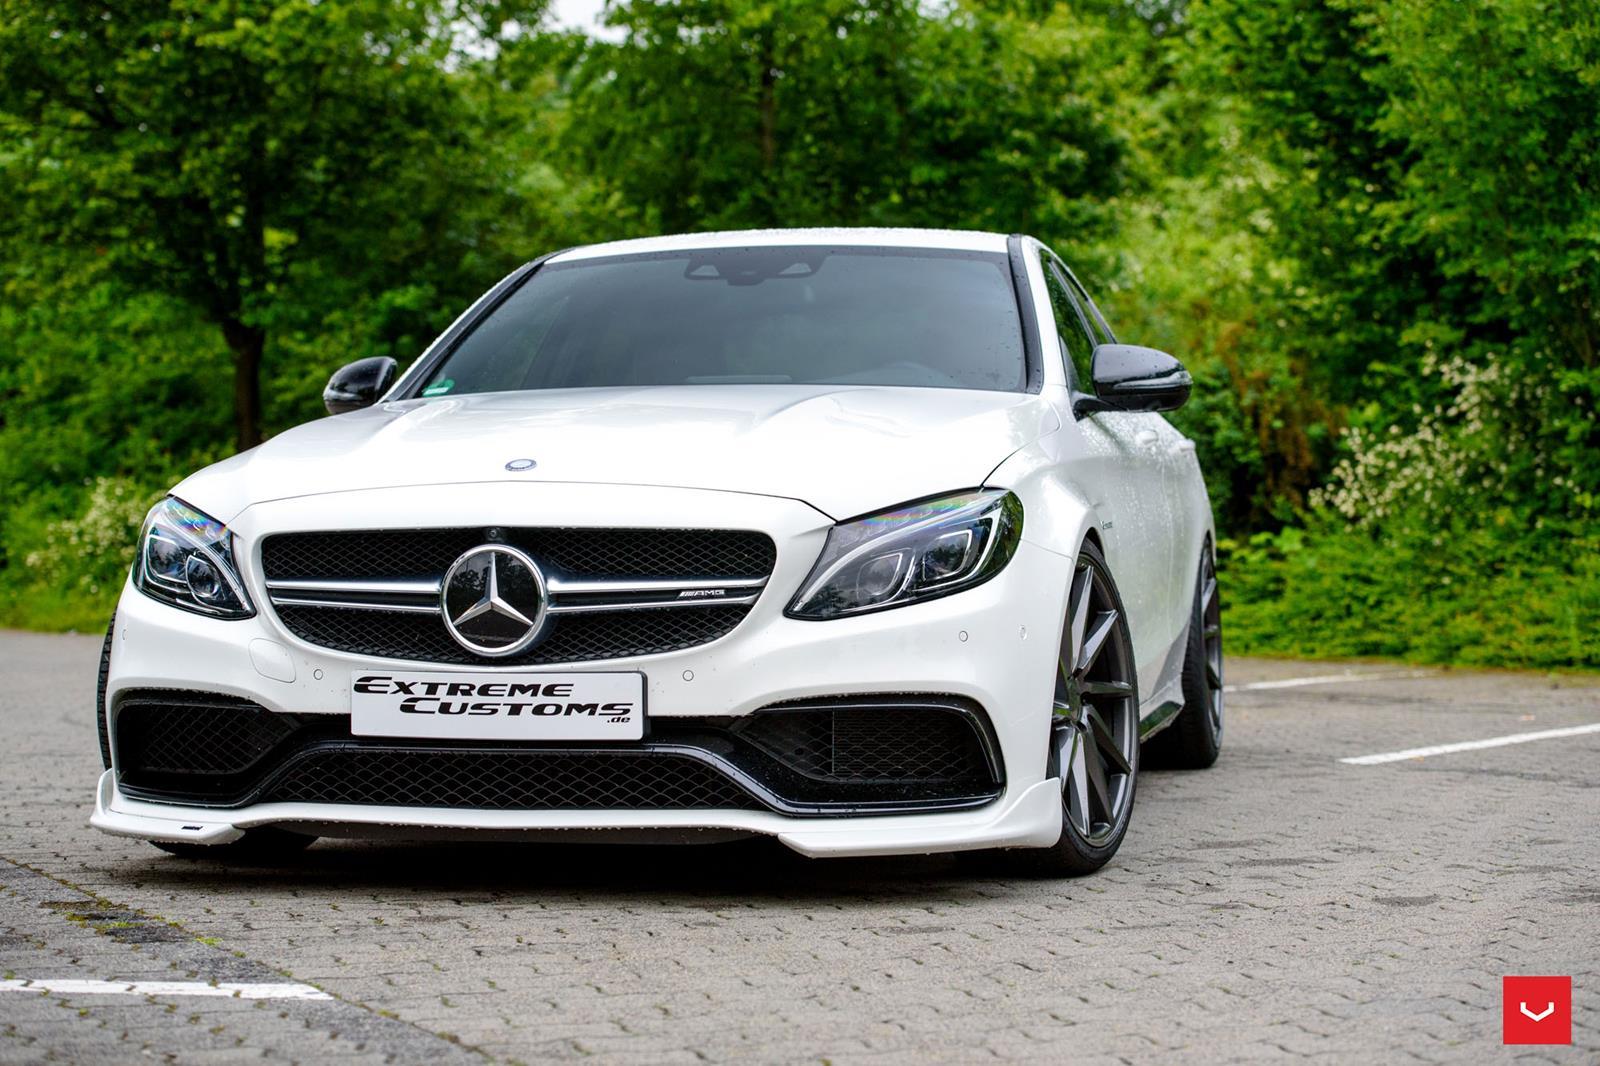 Mercedes benz c class vossen cvt vossen wheels for Voss mercedes benz